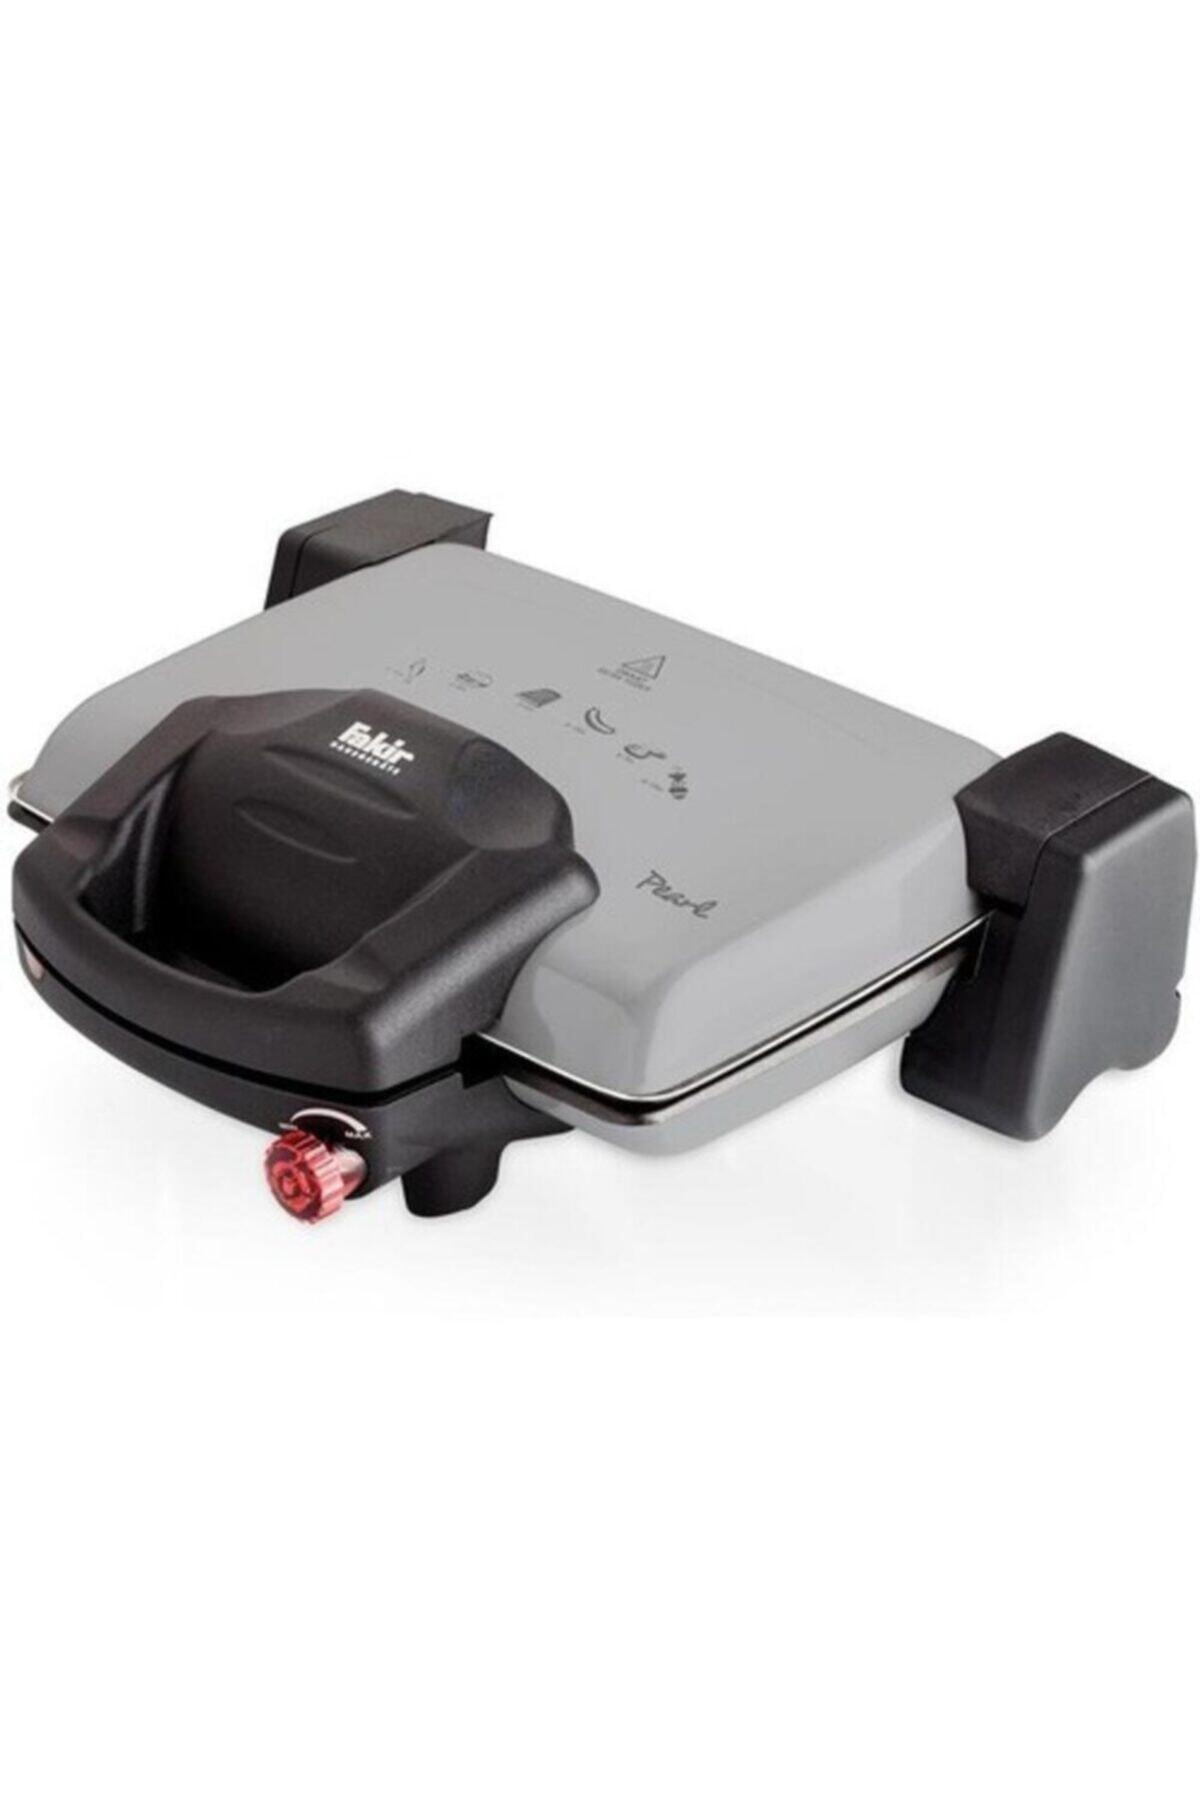 Pearl 2000 W 6 Adet Pişirme Kapasiteli Teflon Çıkarılabilir Plakalı Izgara Ve Tost Makinesi